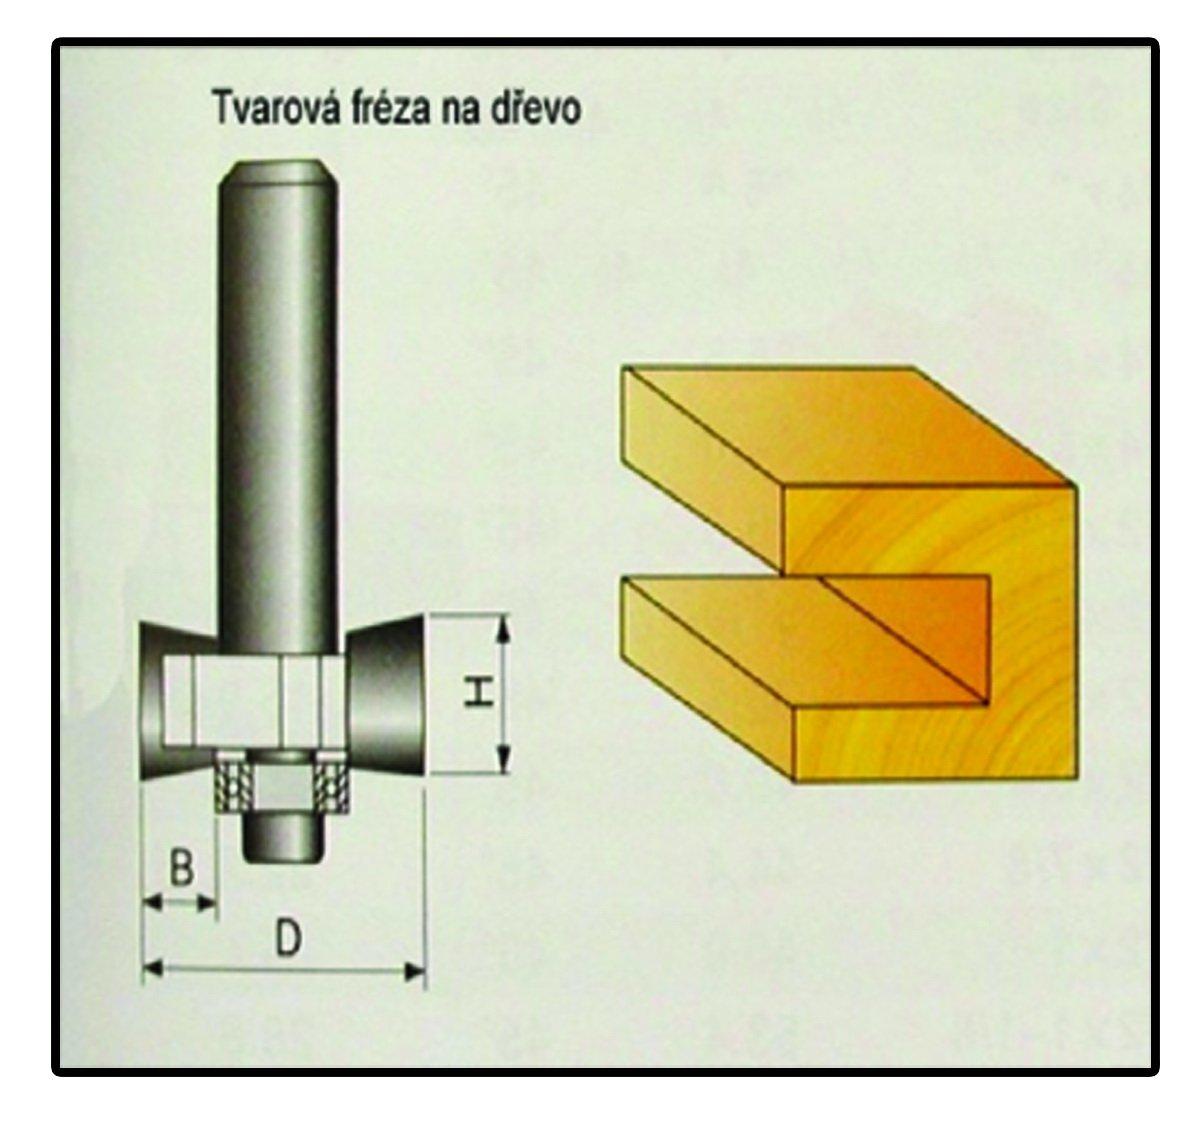 E-shop Fréza tvarová do dřeva F12 - 9,4x12mm